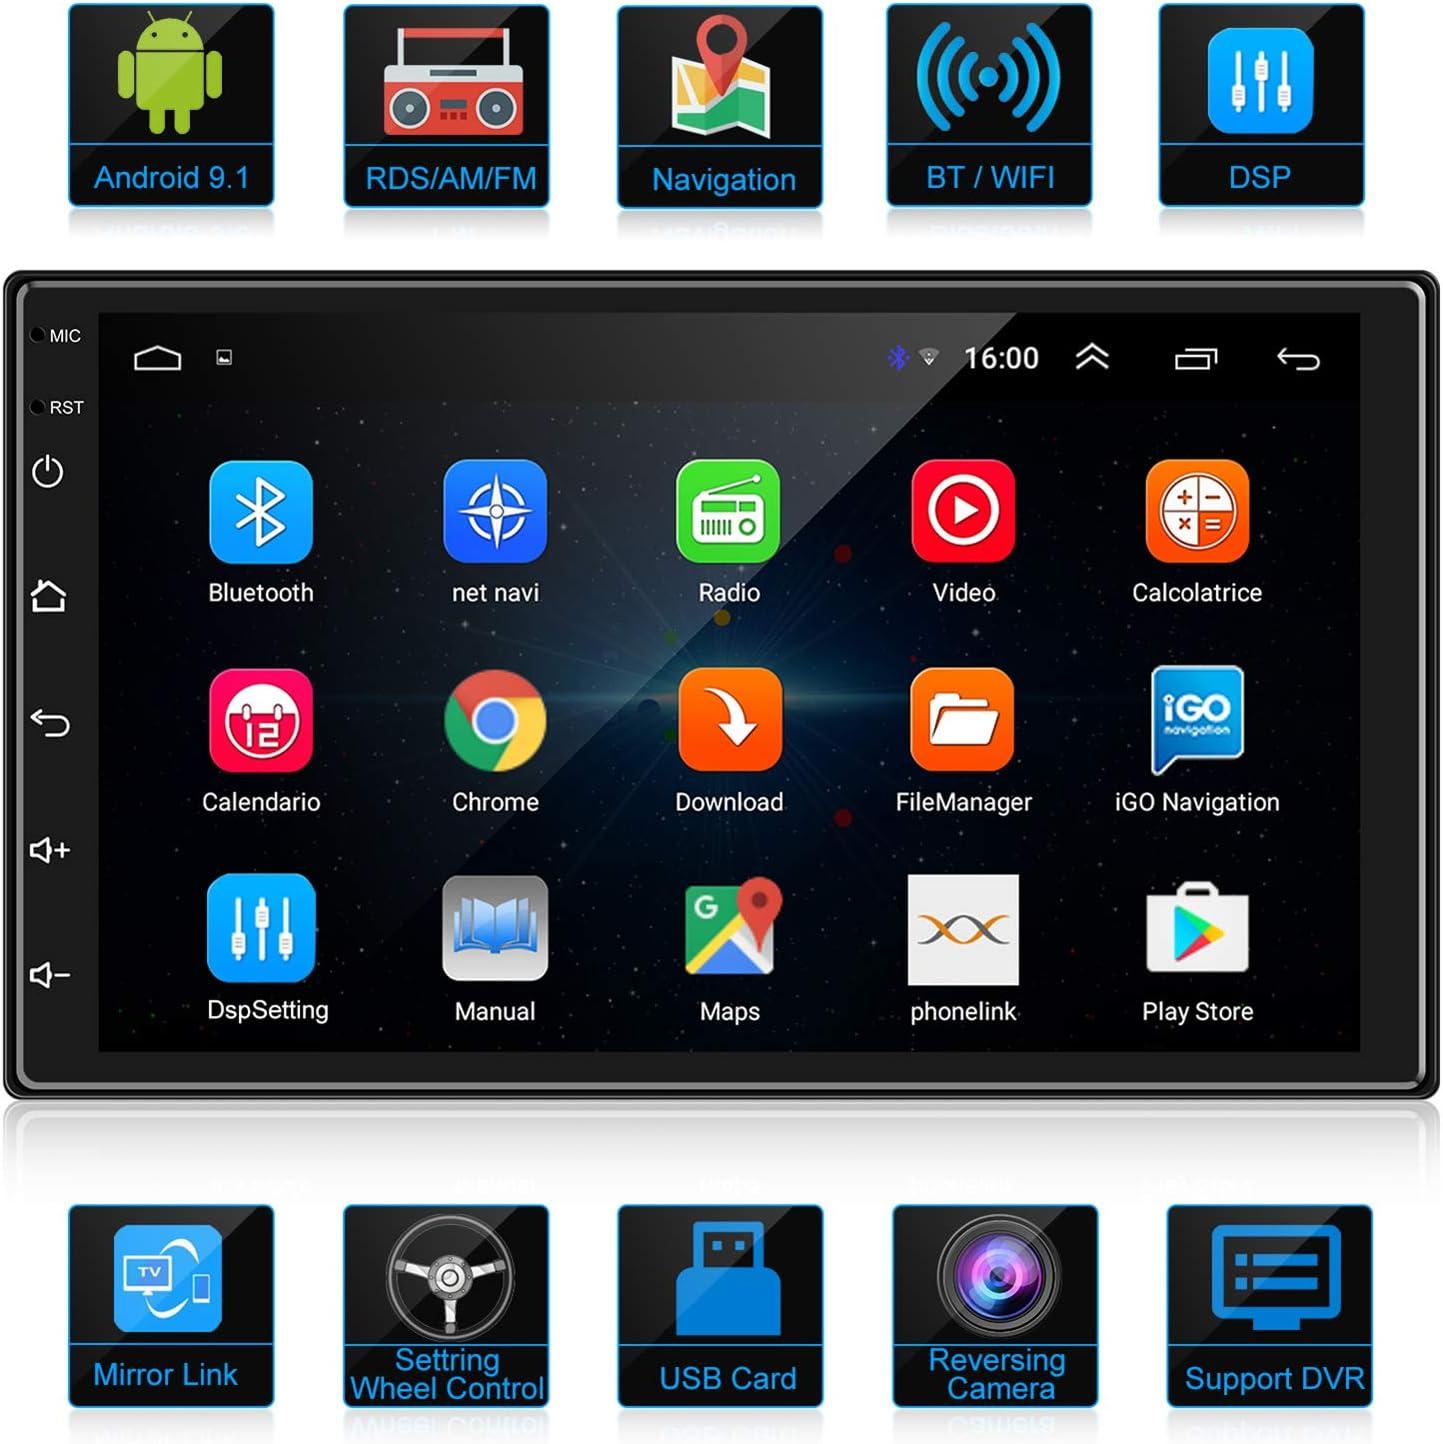 ANKEWAY 2020 Nuevo 2 DIN Android 9.1 DSP/RDS/AM/FM Radio del Coche Navegación GPS 7 Pulgadas 1080P HD Pantalla Táctil +WiFi Internet Multimedia+Bluetooth Manos Libres+Micrófono+Cámara de marcha atrás